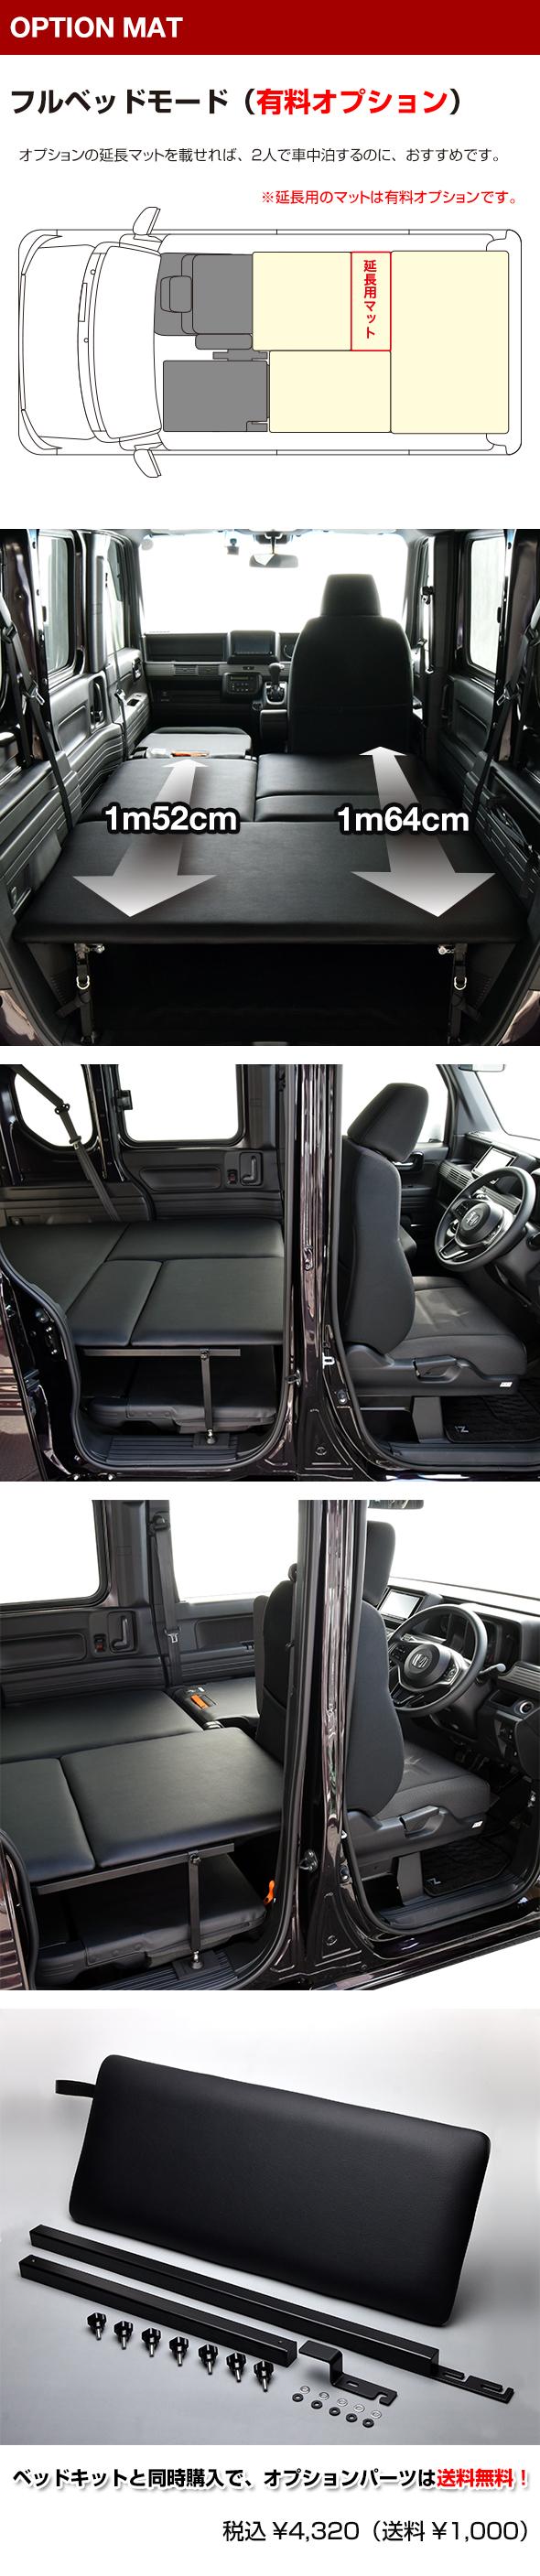 N-VAN +STYLE FUN +STYLE COOL Honda ホンダ エヌバン BEDKIT(ベッドキット)延長用マット装着仕様(有料オプション)